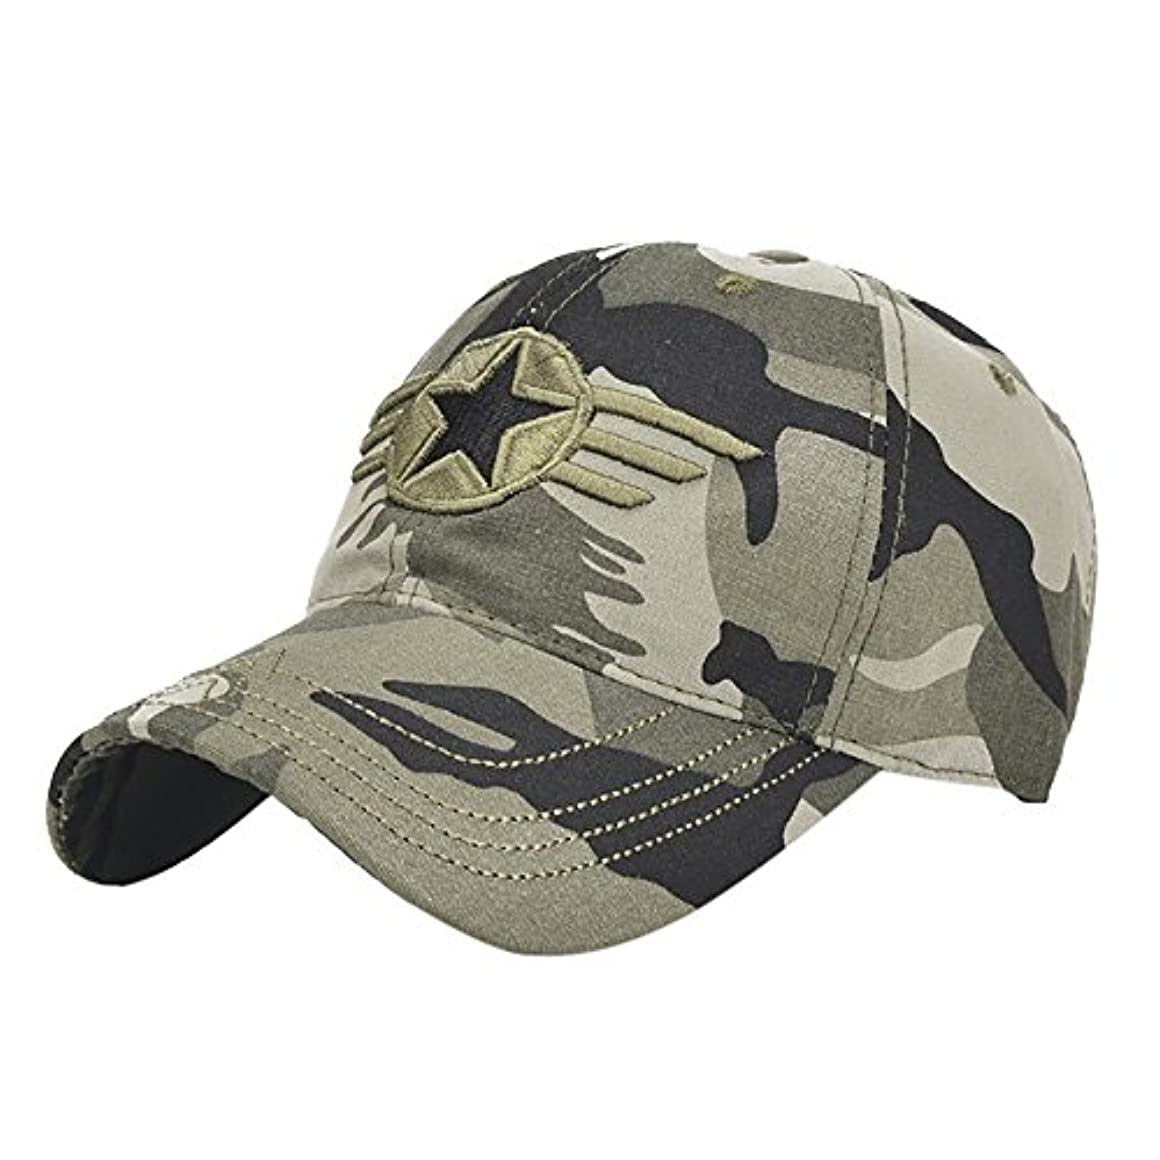 満了ハイブリッド製品Racazing Cap ミリタリーキャップ 野球帽 迷彩 夏 登山 通気性のある メッシュ 帽子 ベルクロ 可調整可能 スターバッジ 刺繍 棒球帽 UV 帽子 軽量 屋外 Unisex Hat (迷彩)